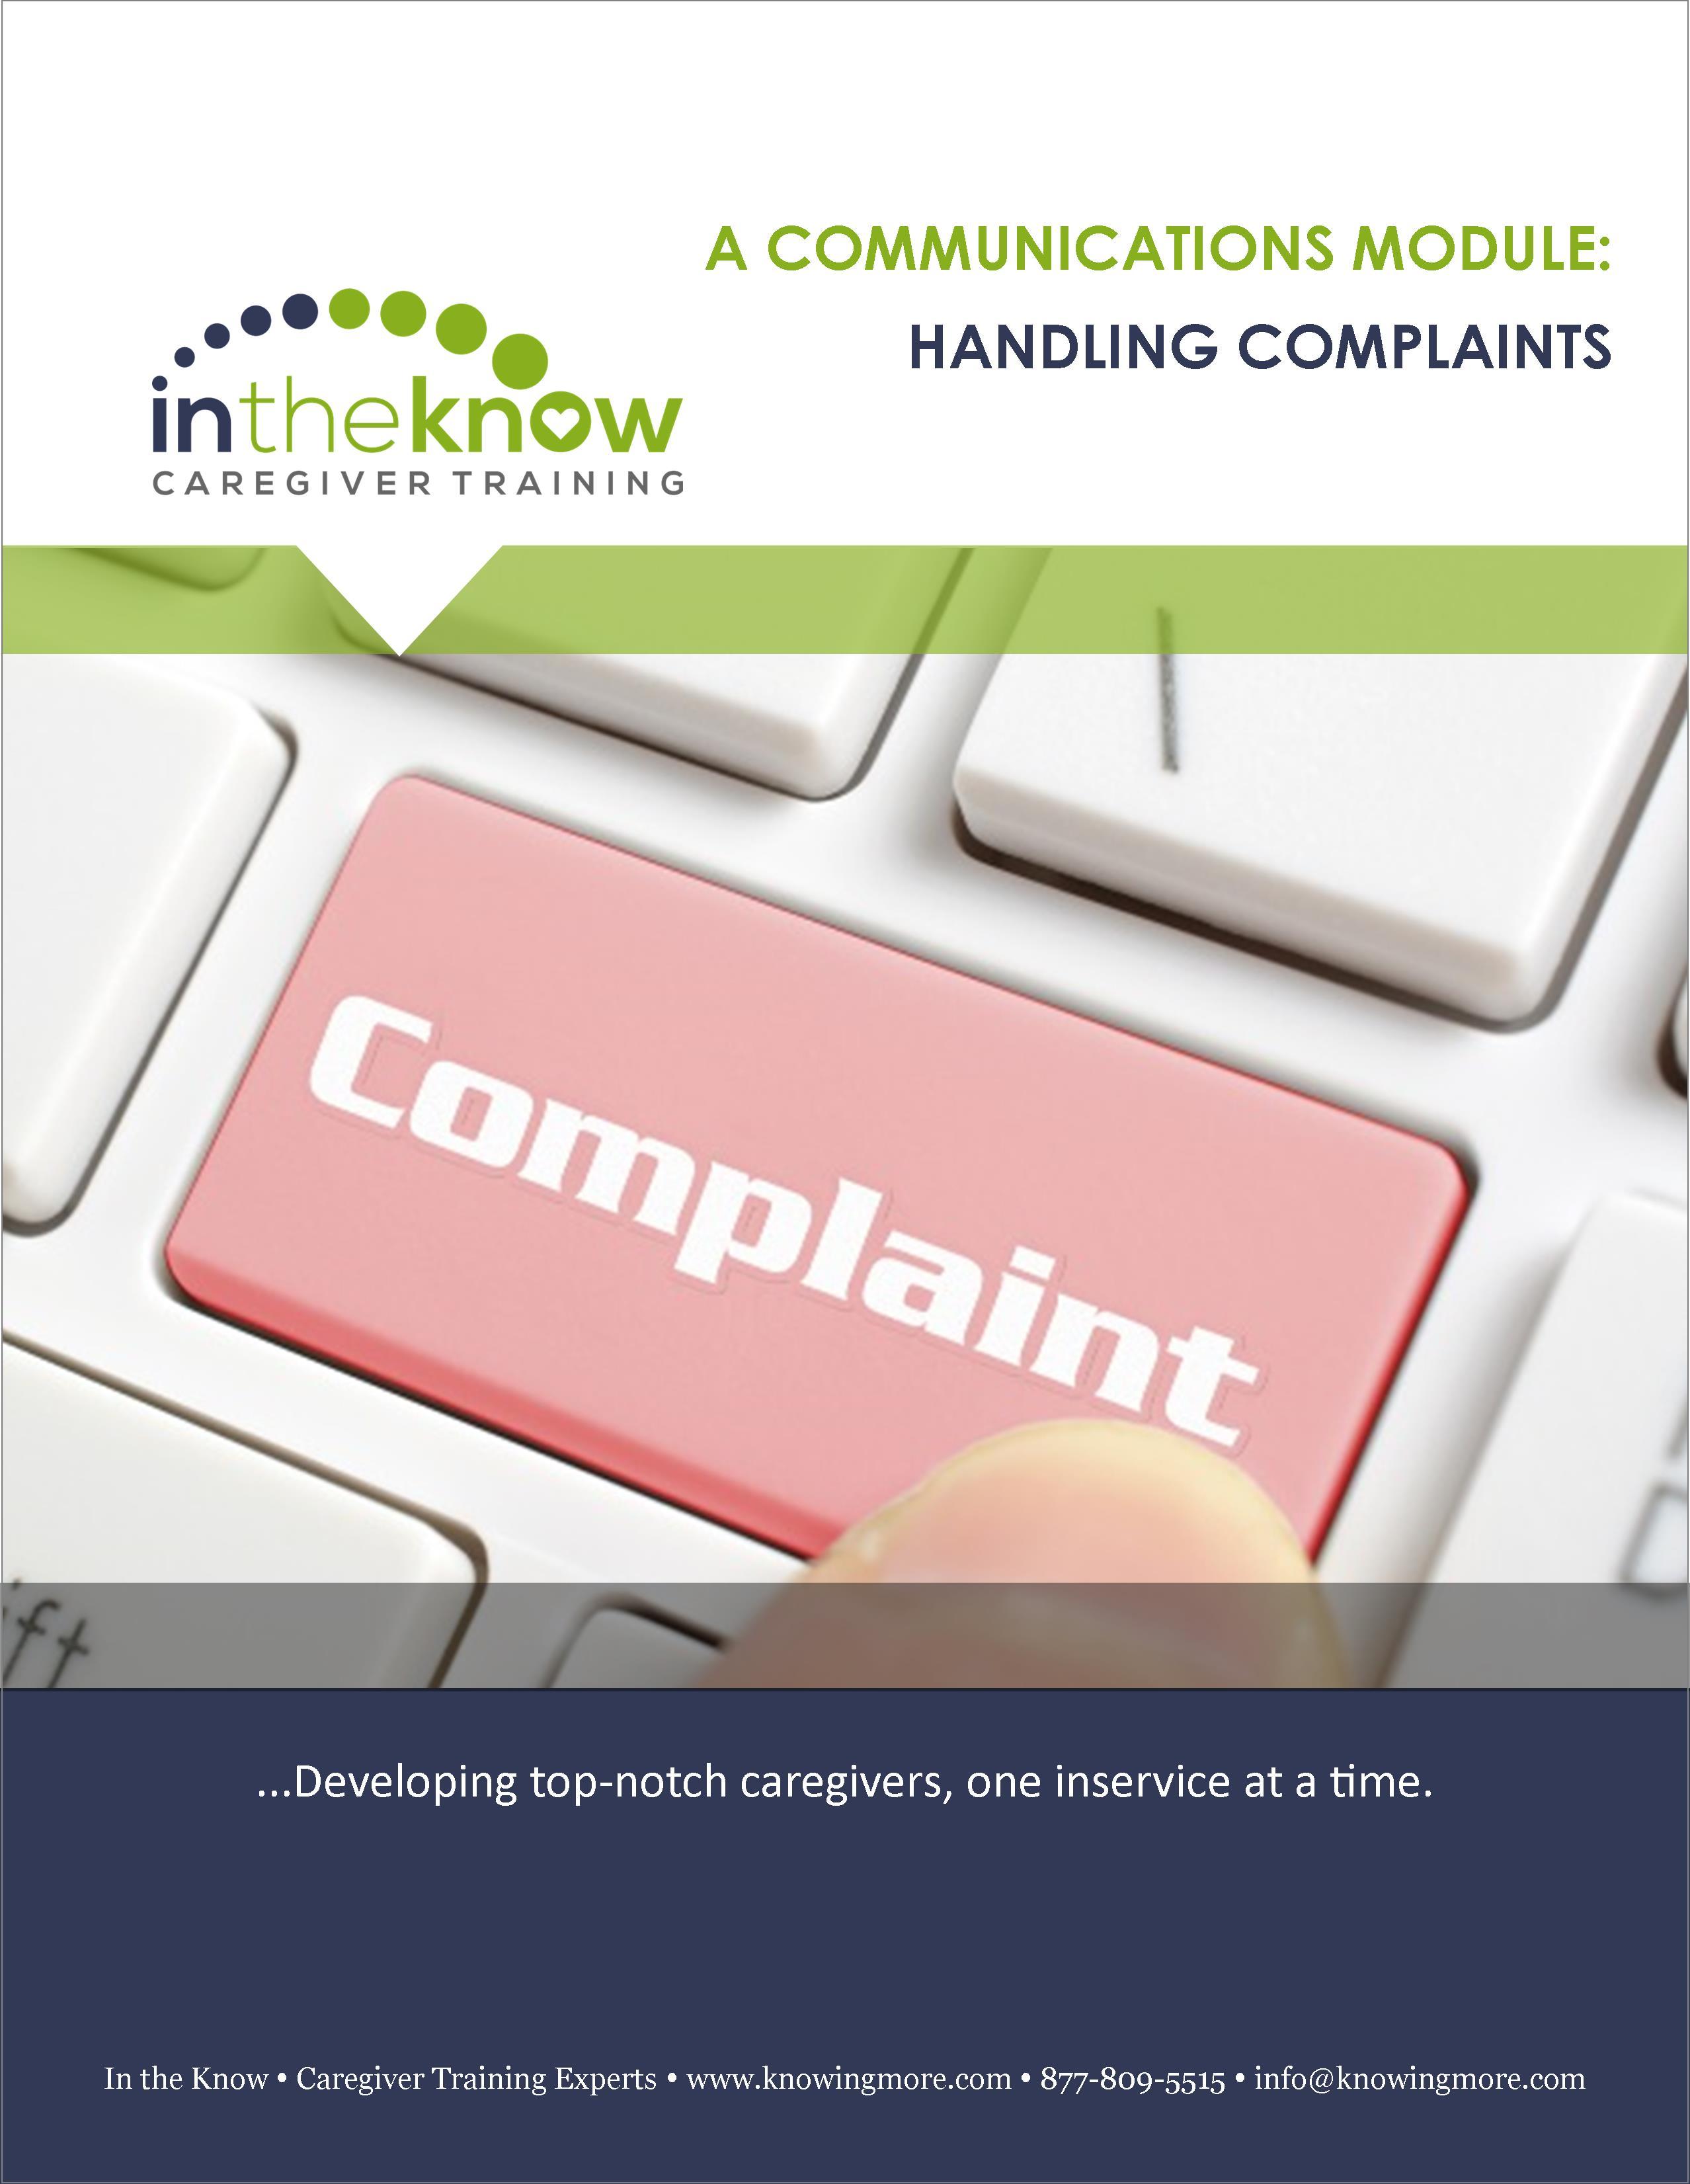 Complaints-1.jpg